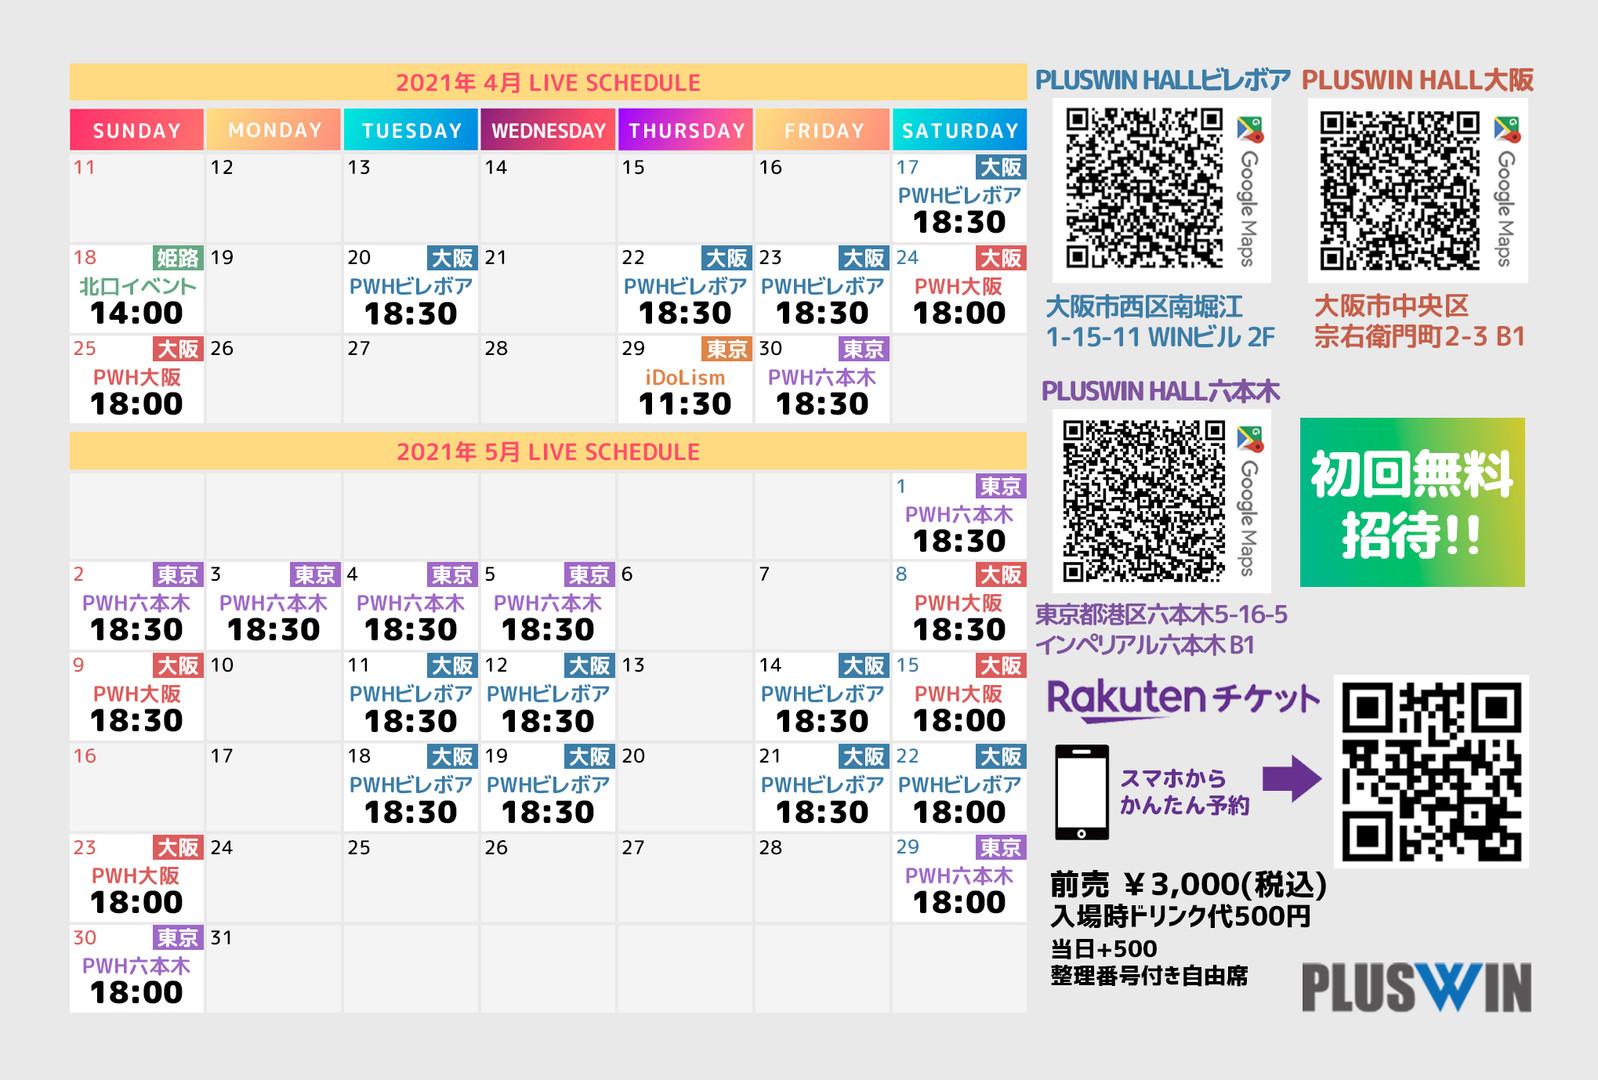 20210413_125743000_iOS.jpg